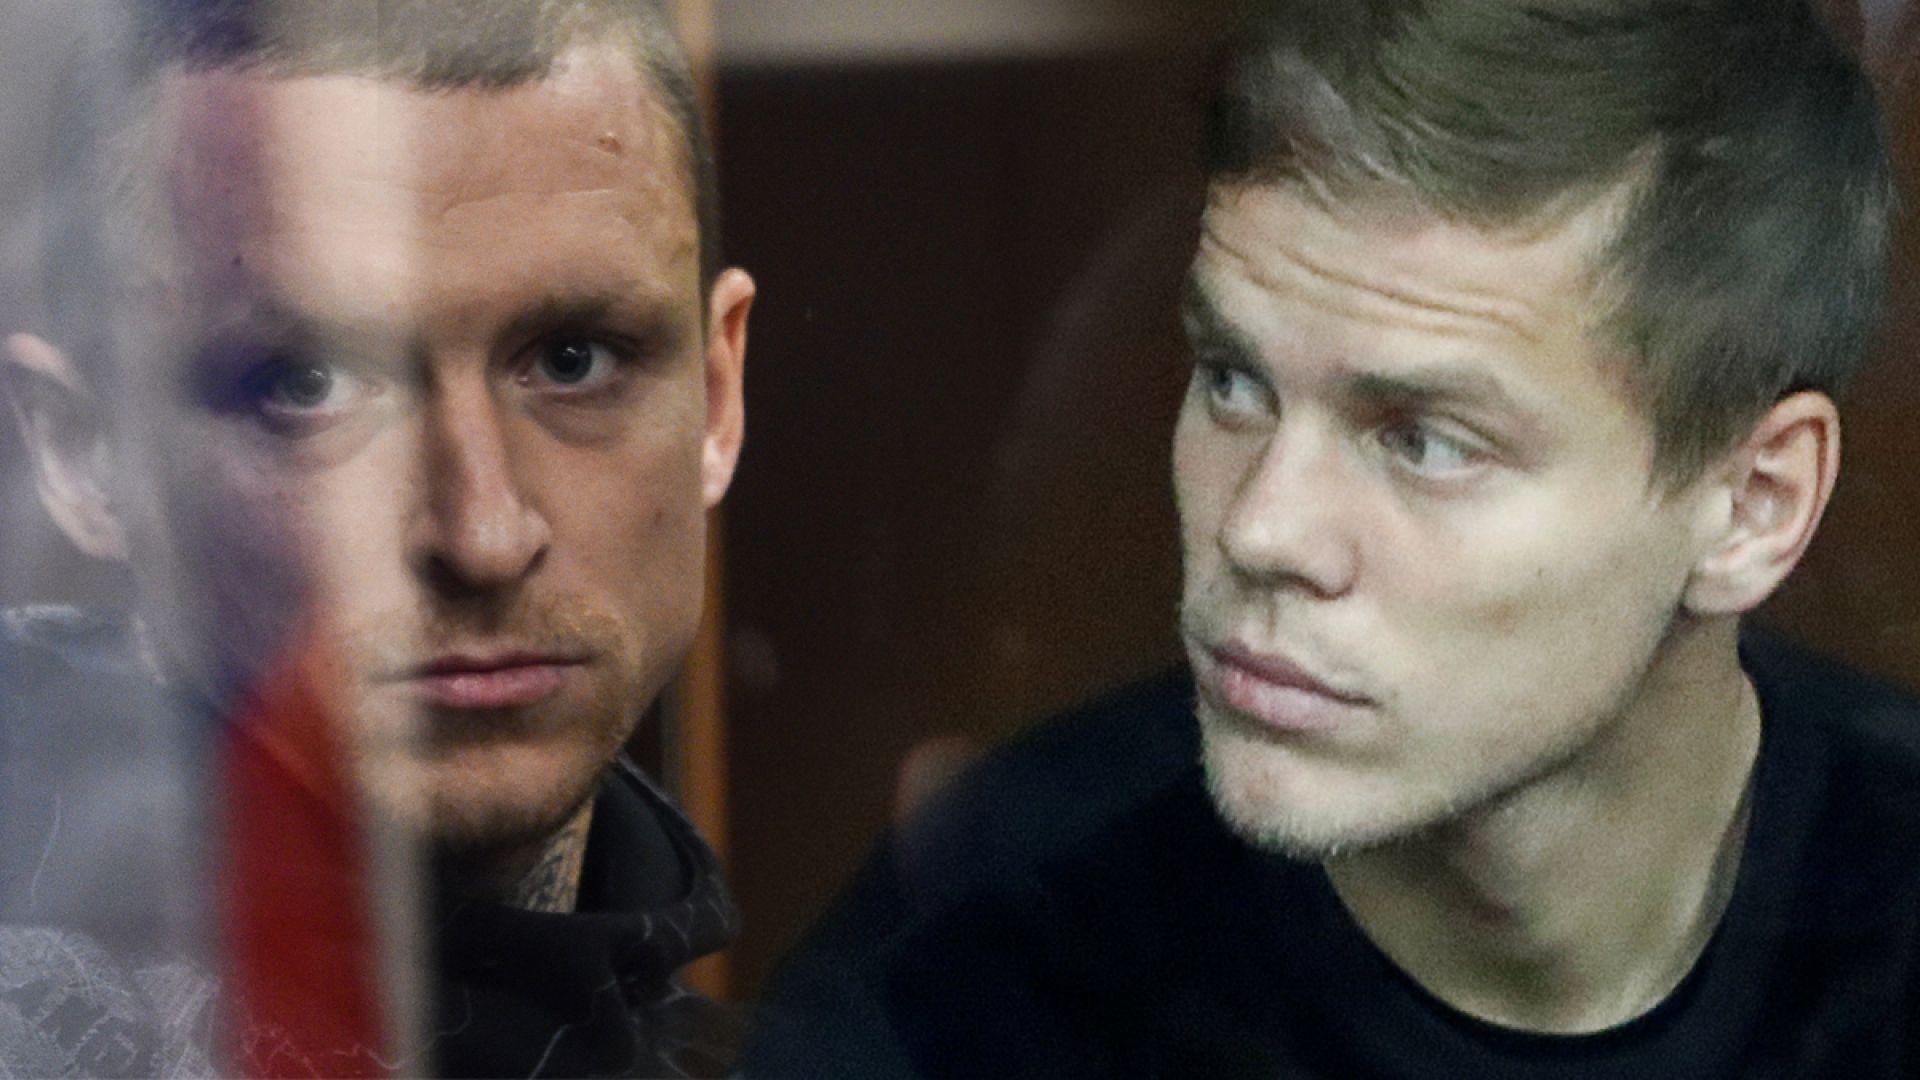 Руски национал-затворник наниза 7 гола в мач зад решетките